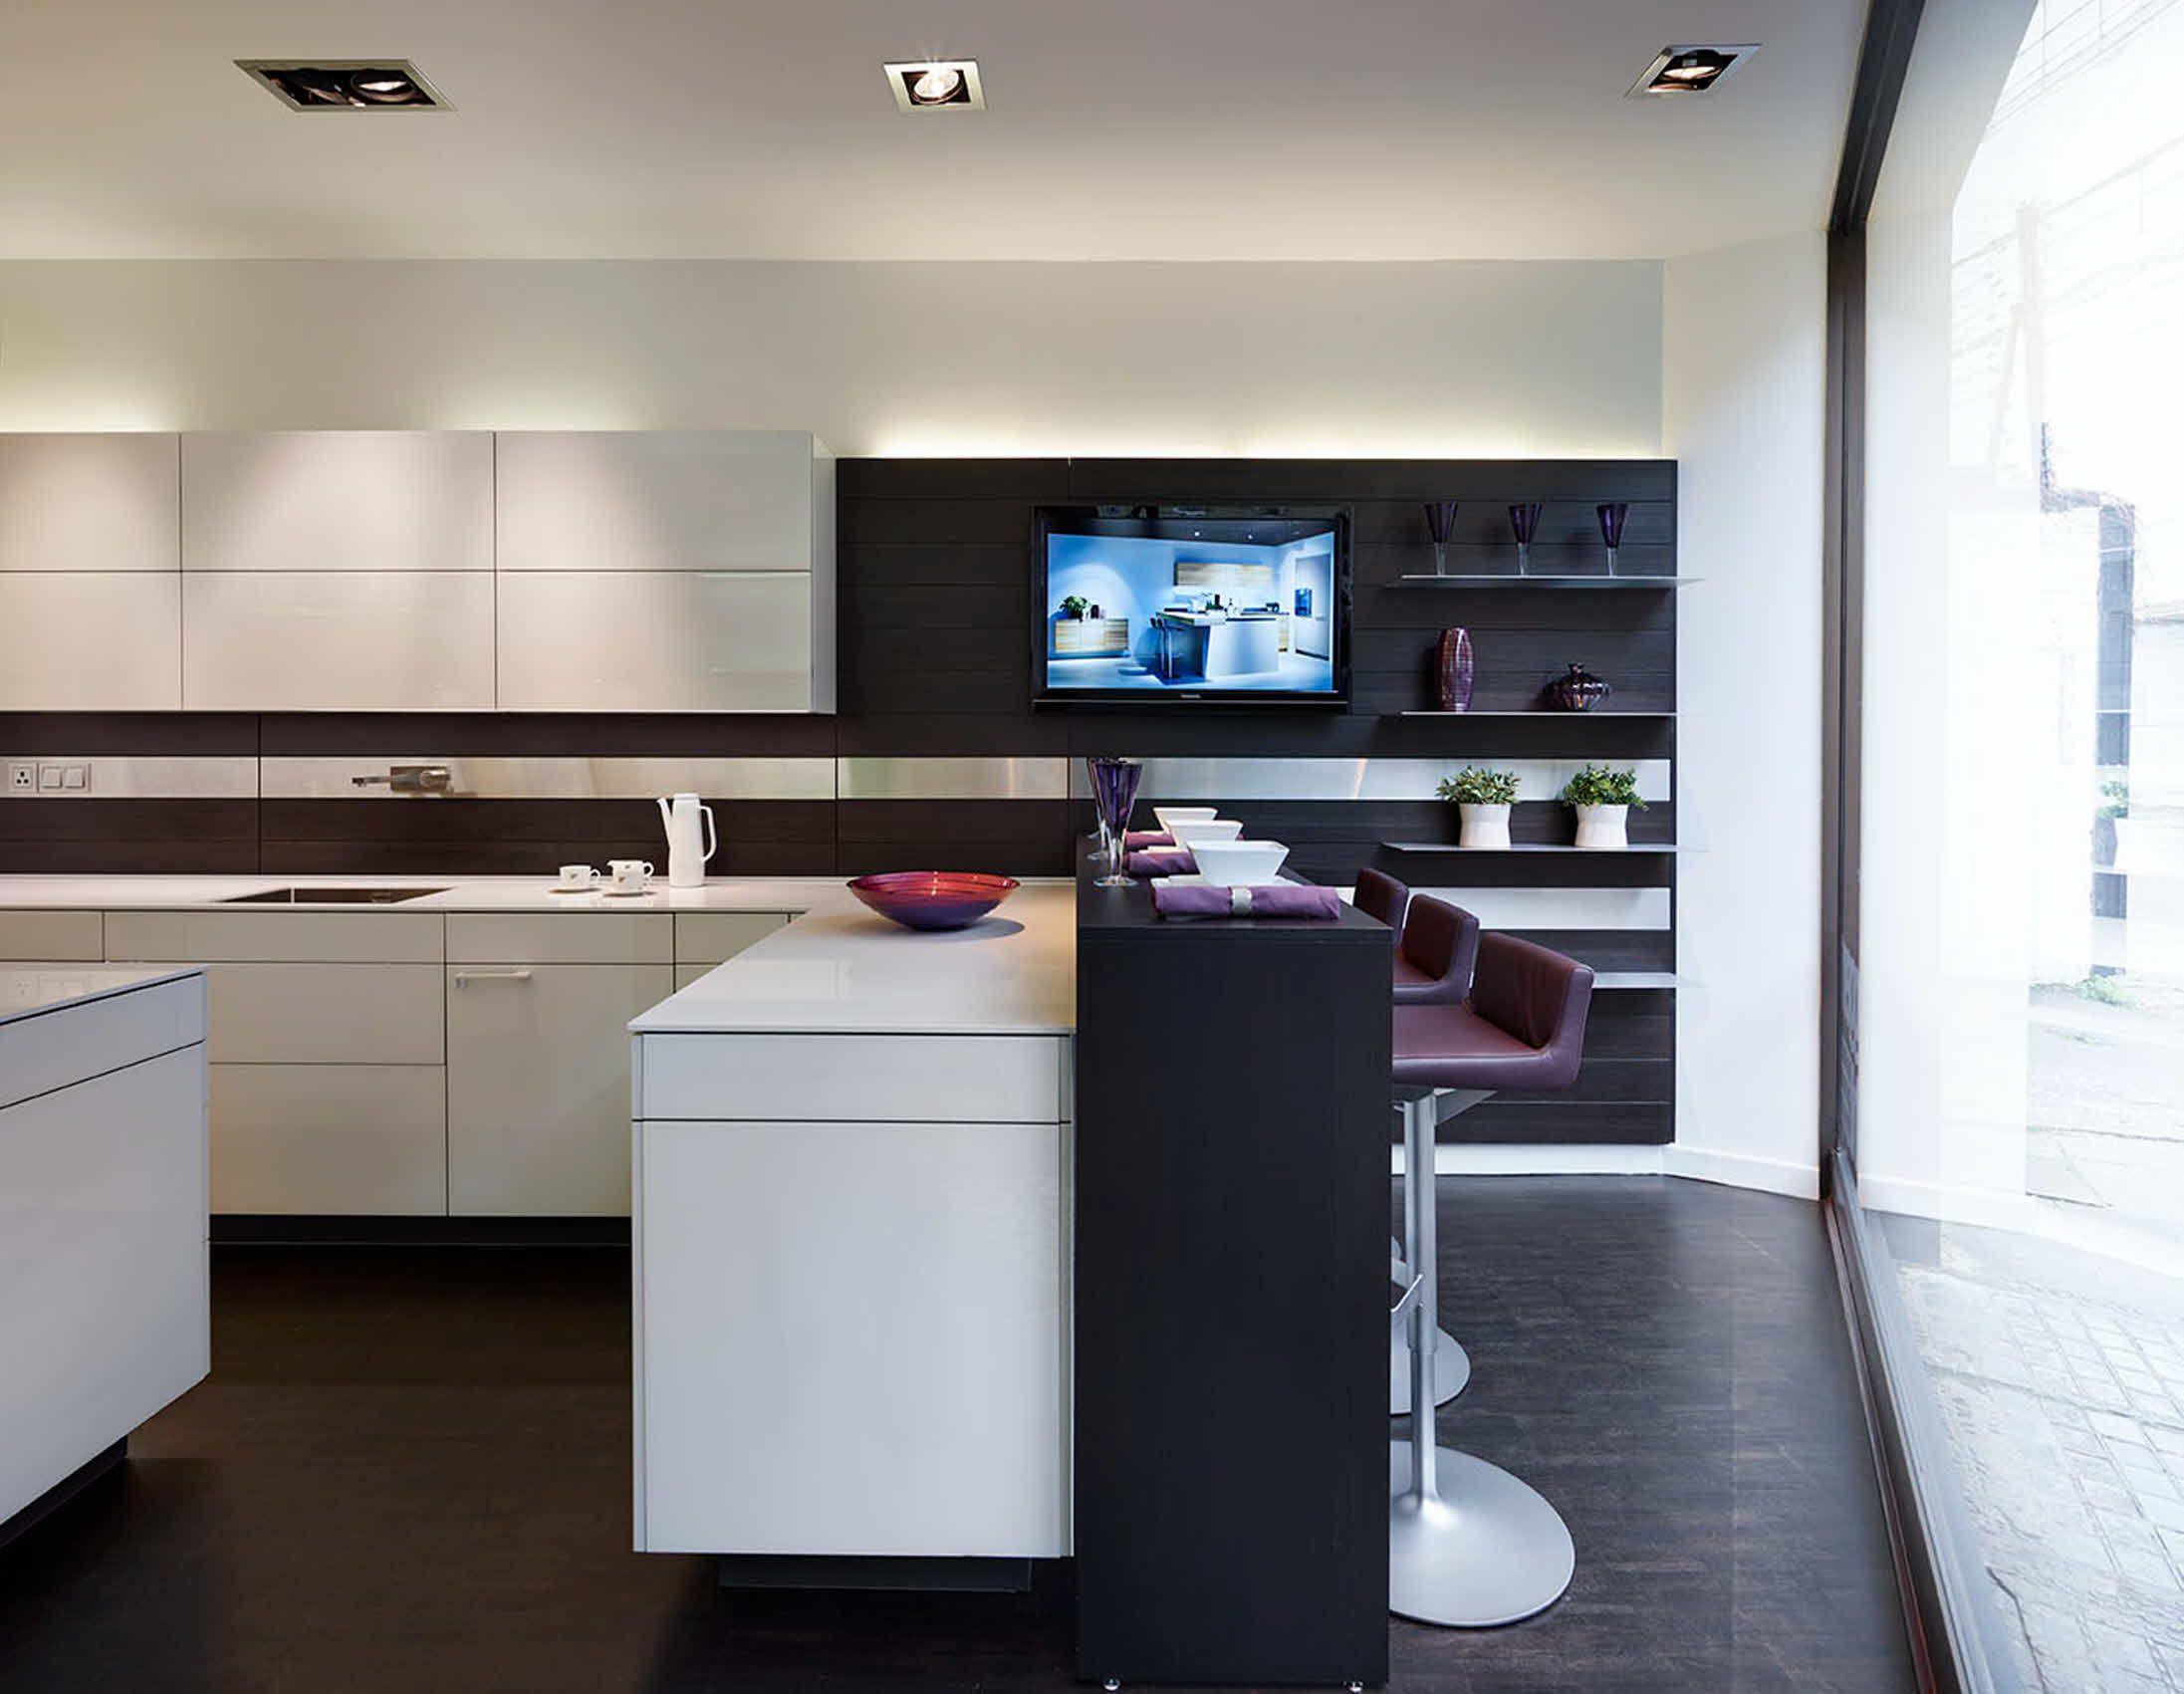 Poggenpohl Kitchen Studio Ultimate Kitchens - Interior Shot +ARTESIO ...